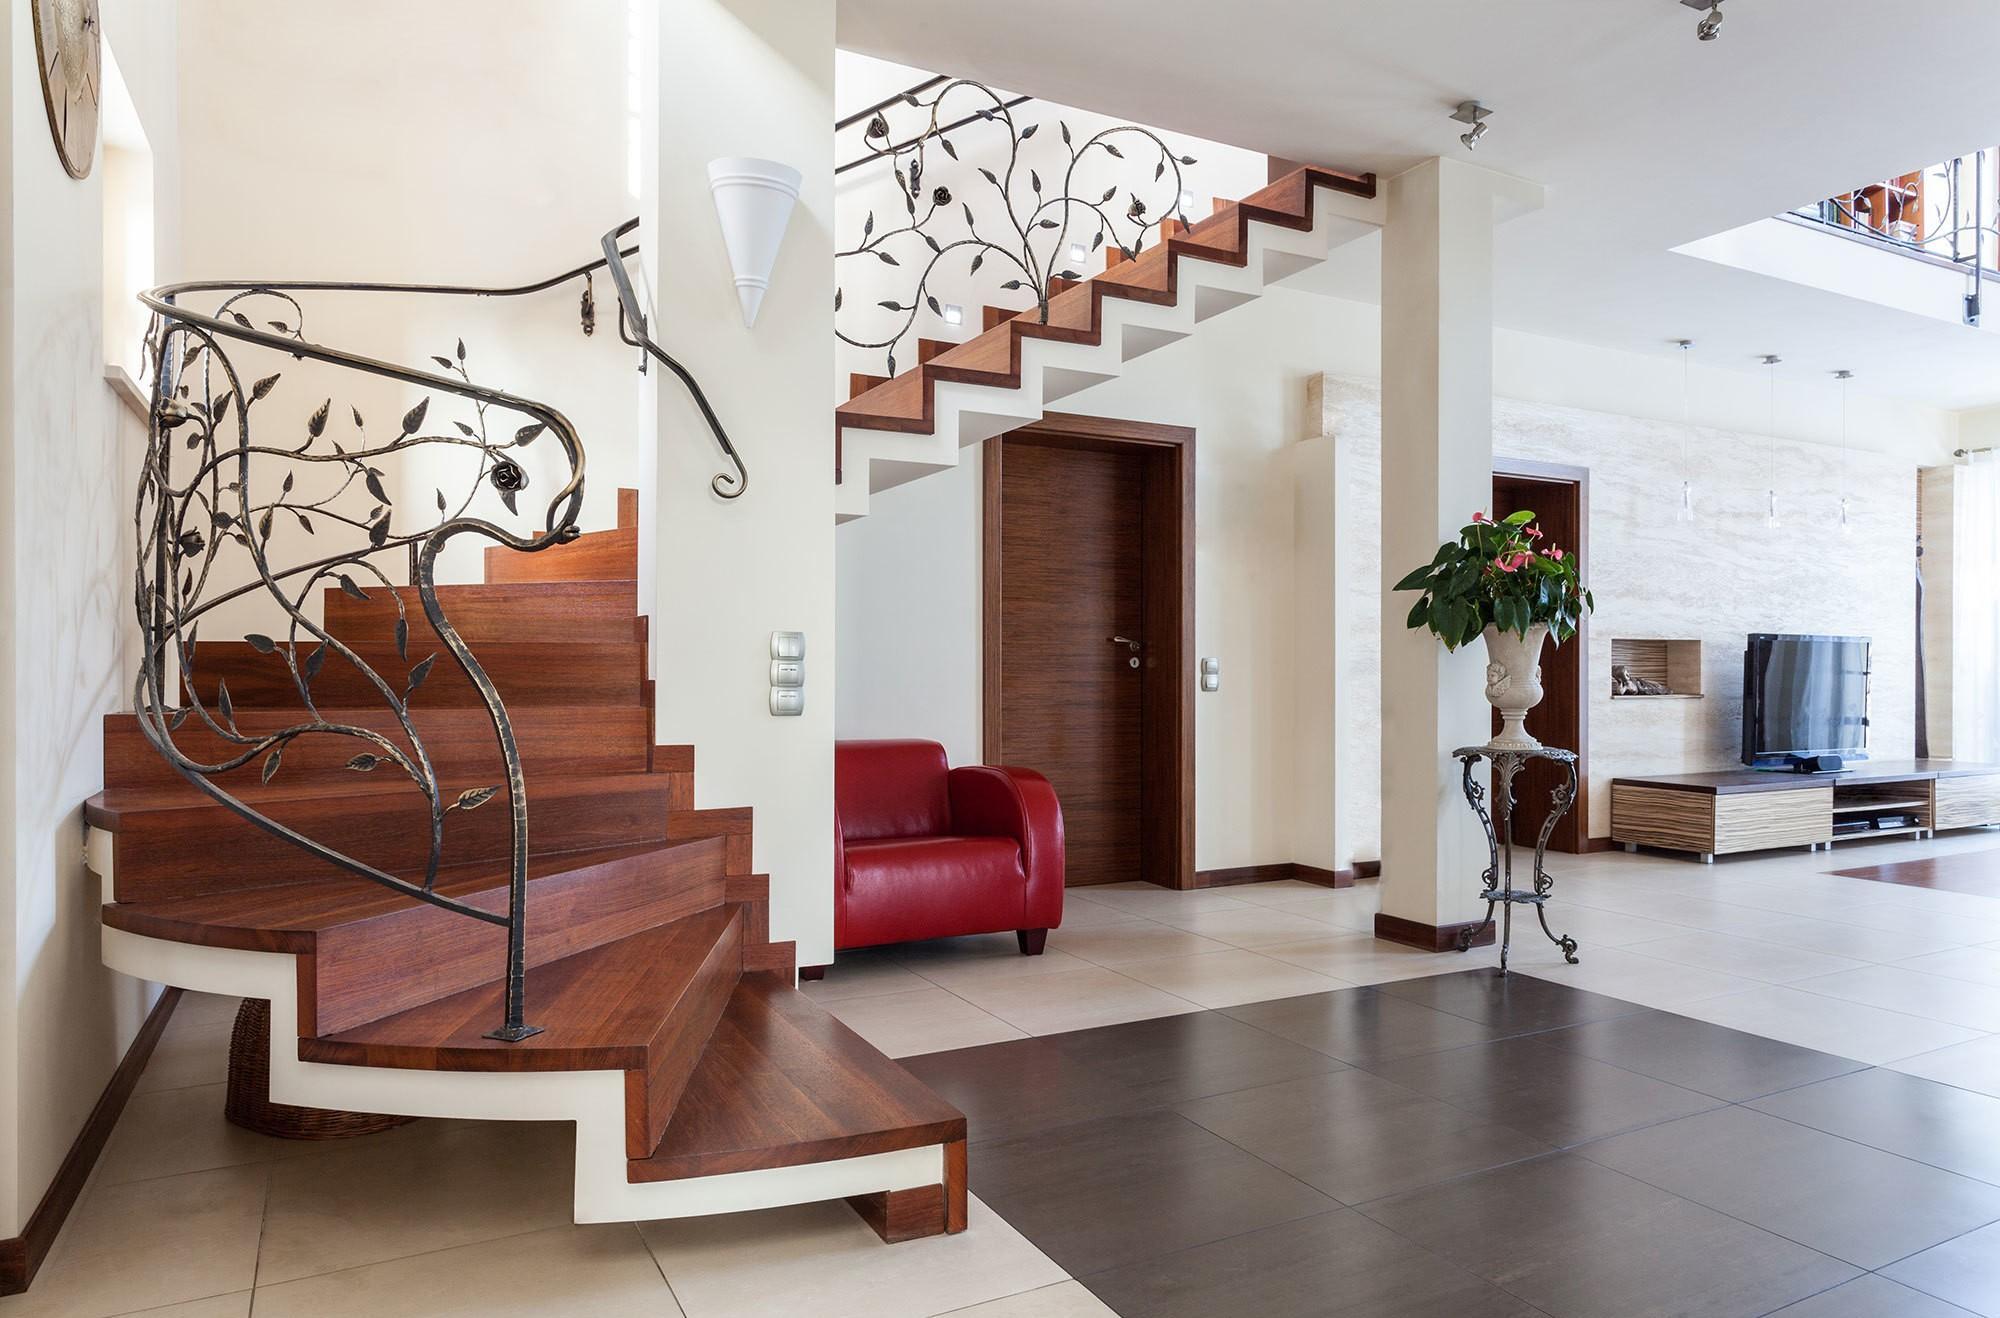 Итальянский стиль в интерьере квартиры